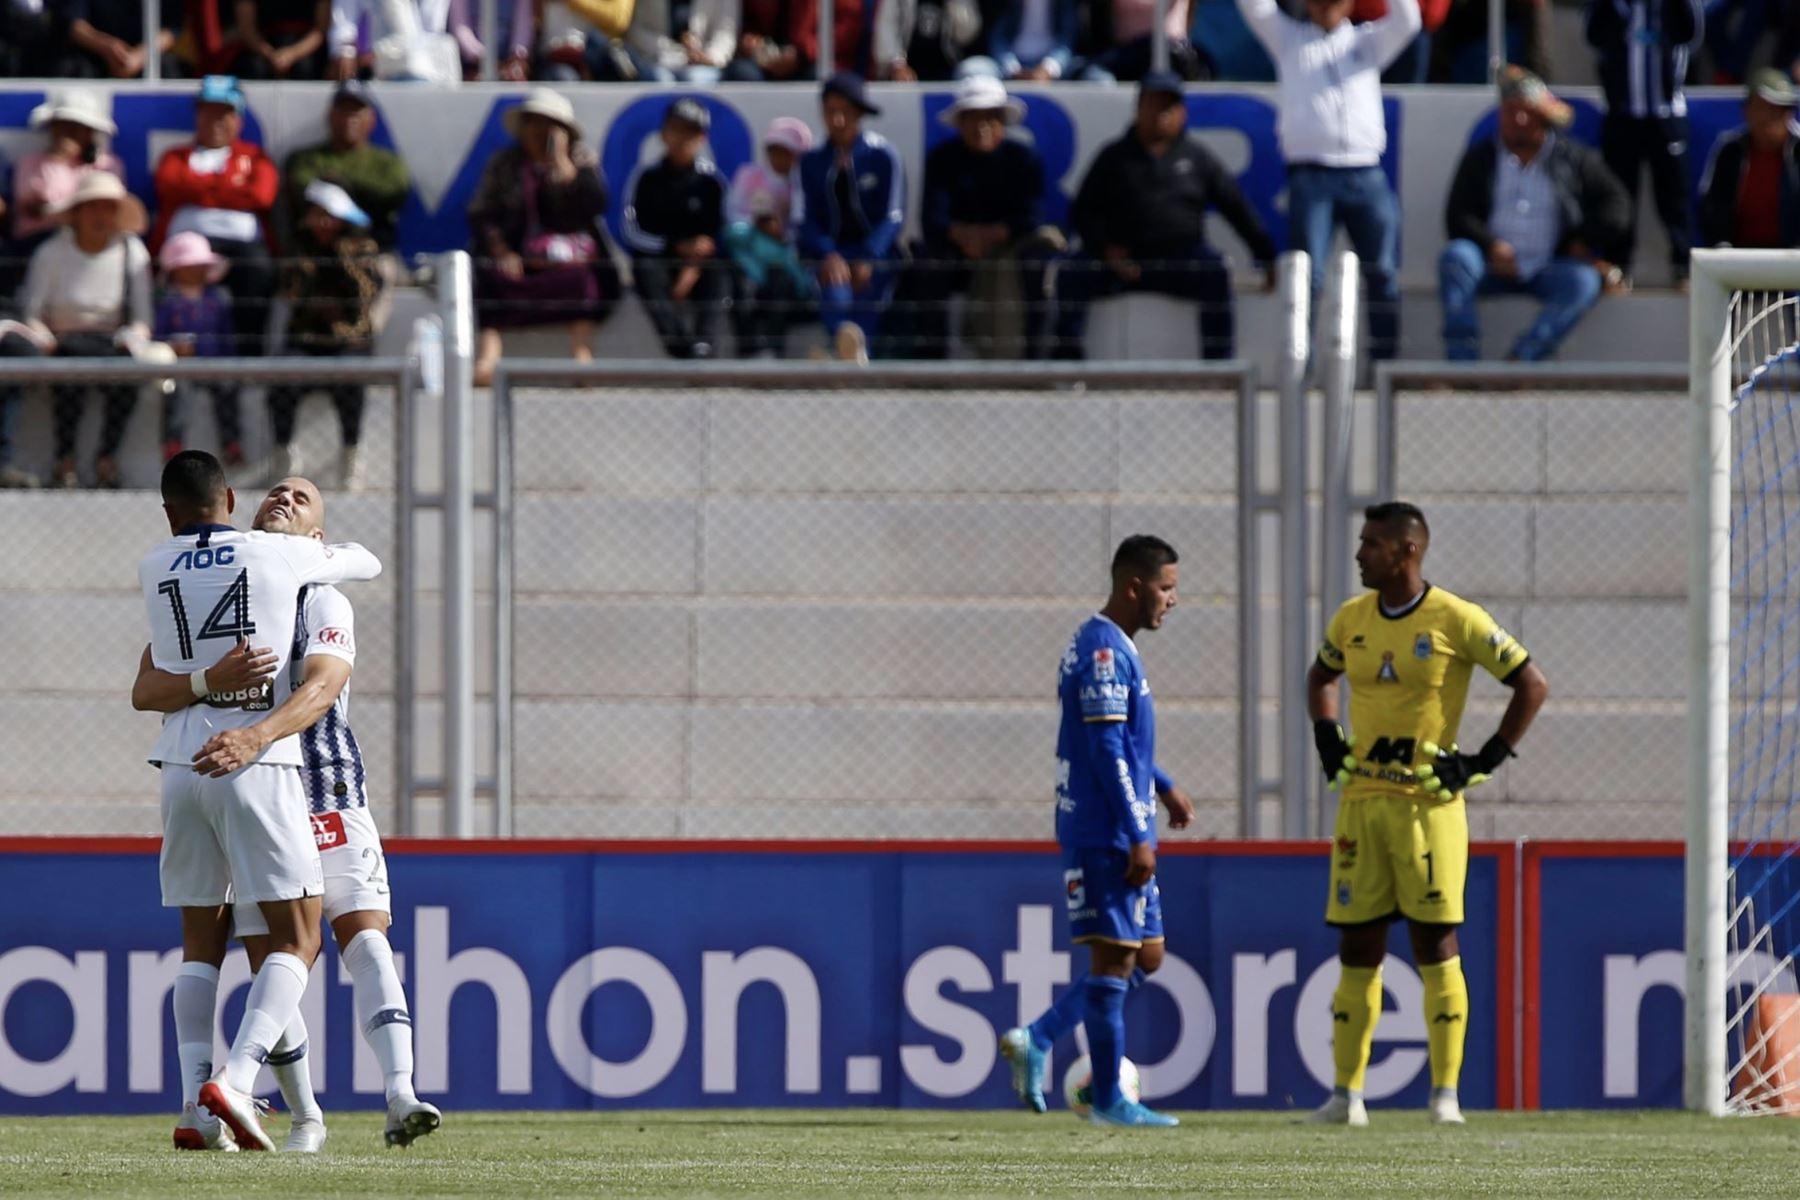 Federico Rodriguez de Alianza Lima celebra el gol ante Binacional en el partido de ida en la final del fútbol peruano por la Liga 1, en la ciudad de Juliaca – Puno. Foto: ANDINA/Carlos Lezama